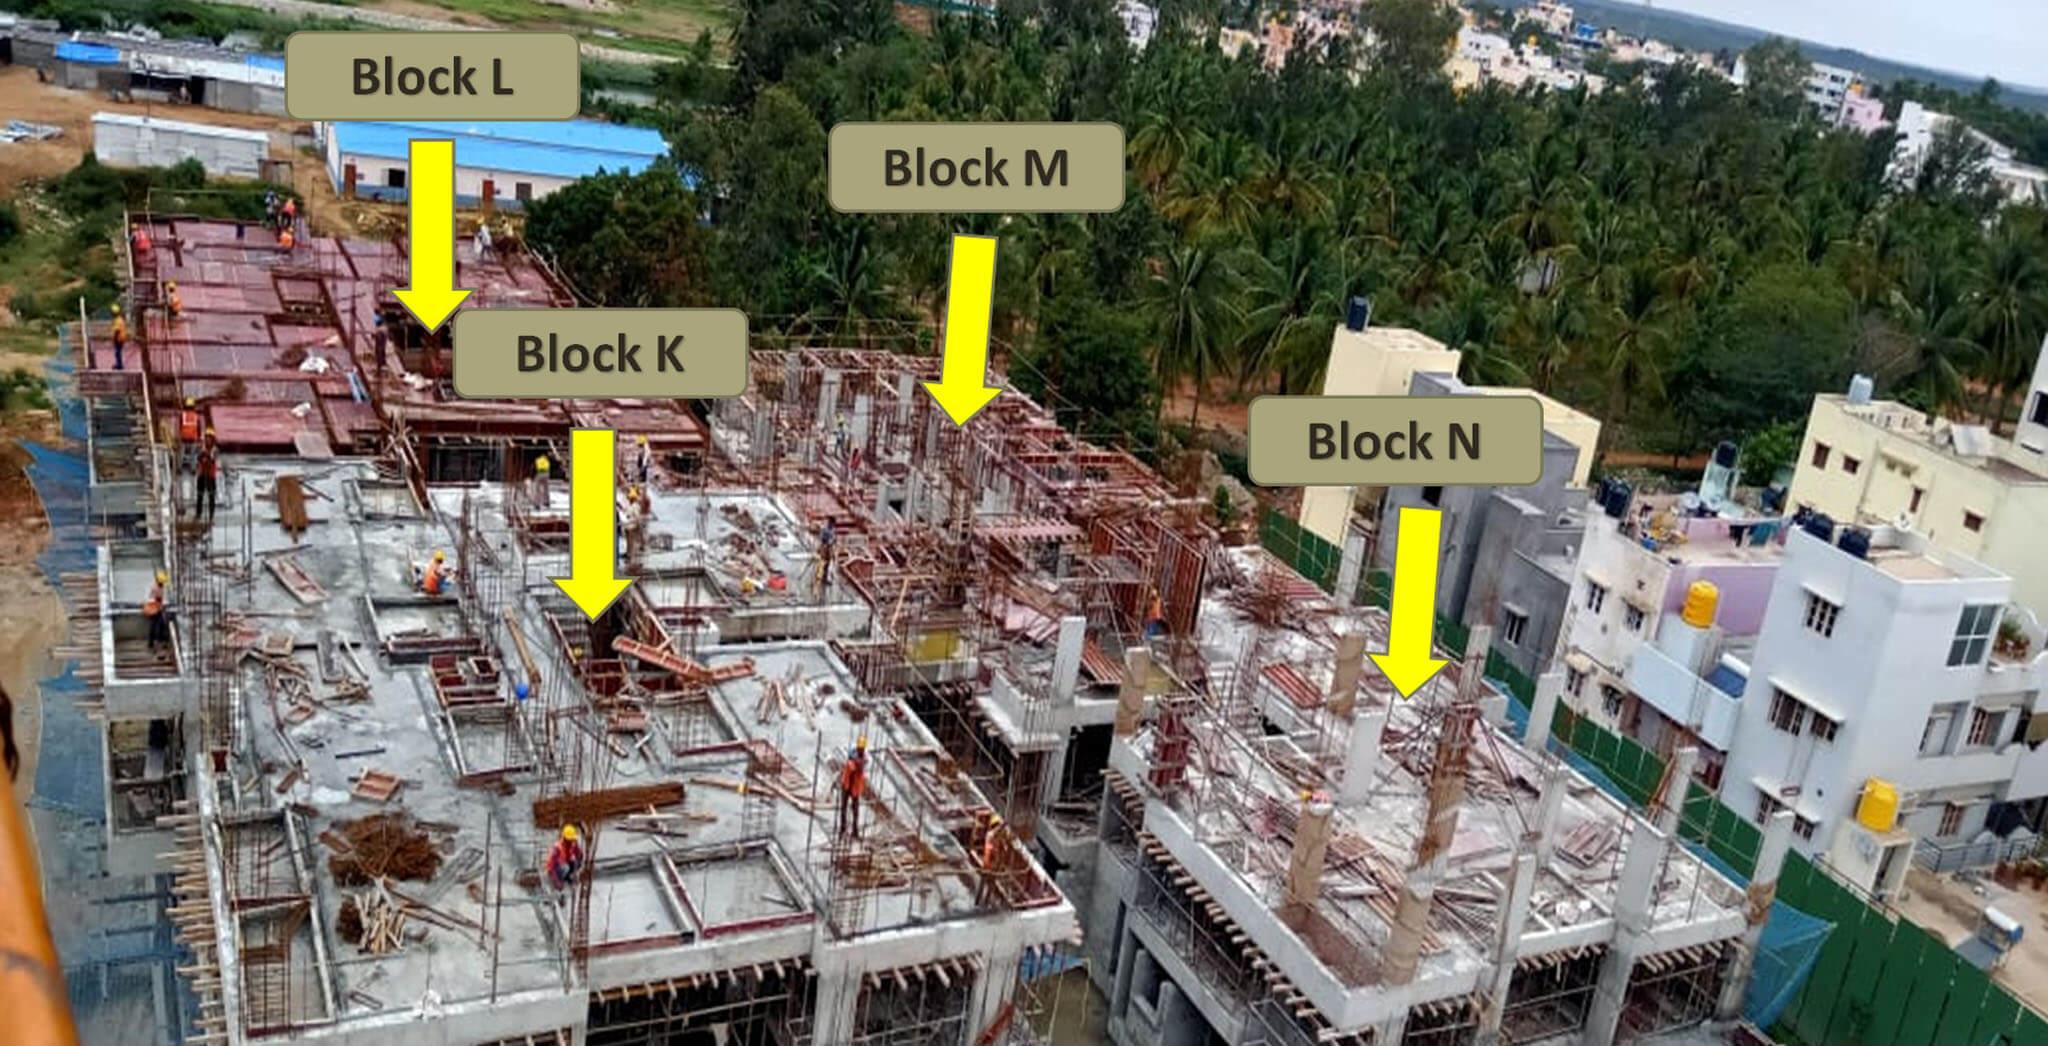 Aug 2019 - Aerial view of Tower F: 3rd floor slab (K,L,M,N)